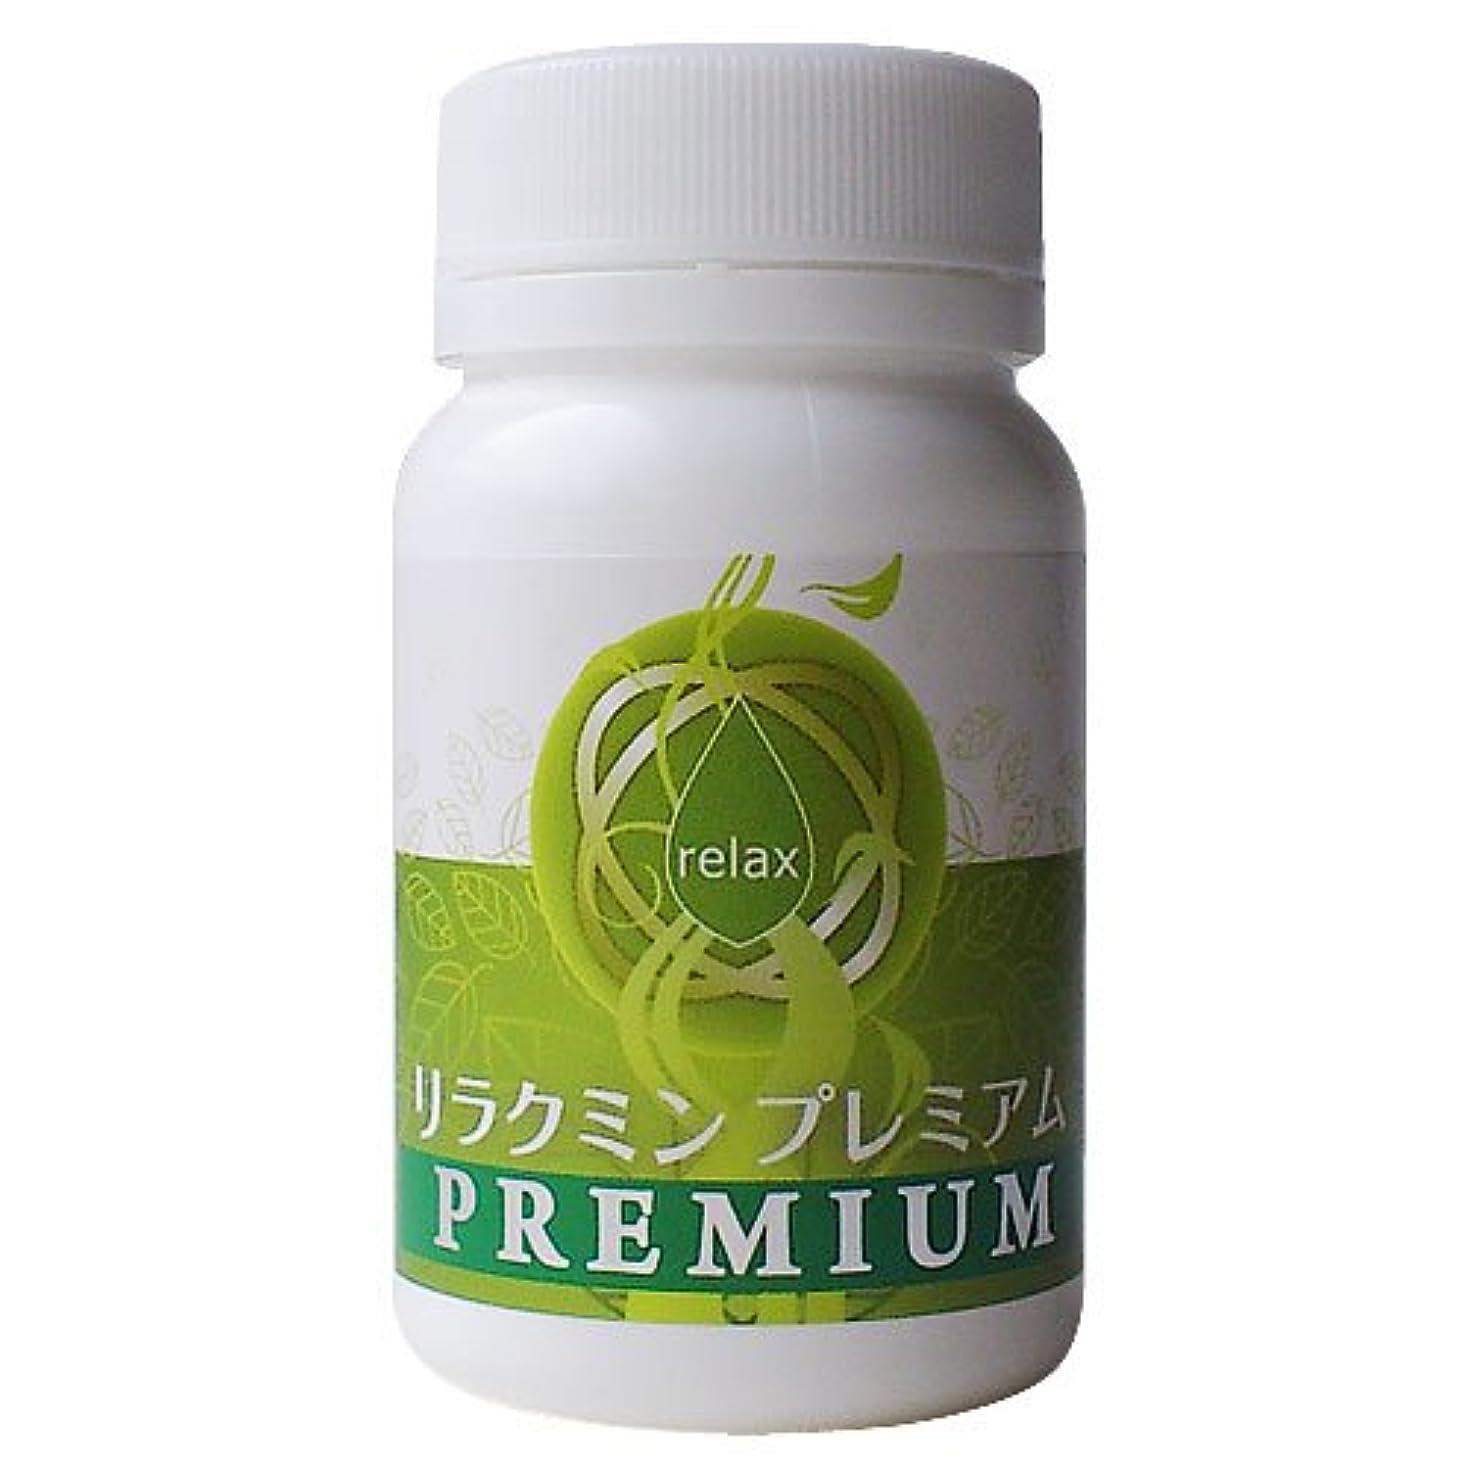 叱る分岐するピースセロトニン サプリ (日本製) ギャバ DHA EPA ラフマ葉 イチョウ葉 エゾウコギ [リラクミンプレミアム 1本] 150粒入 (約1か月分) リラクミン サプリメント